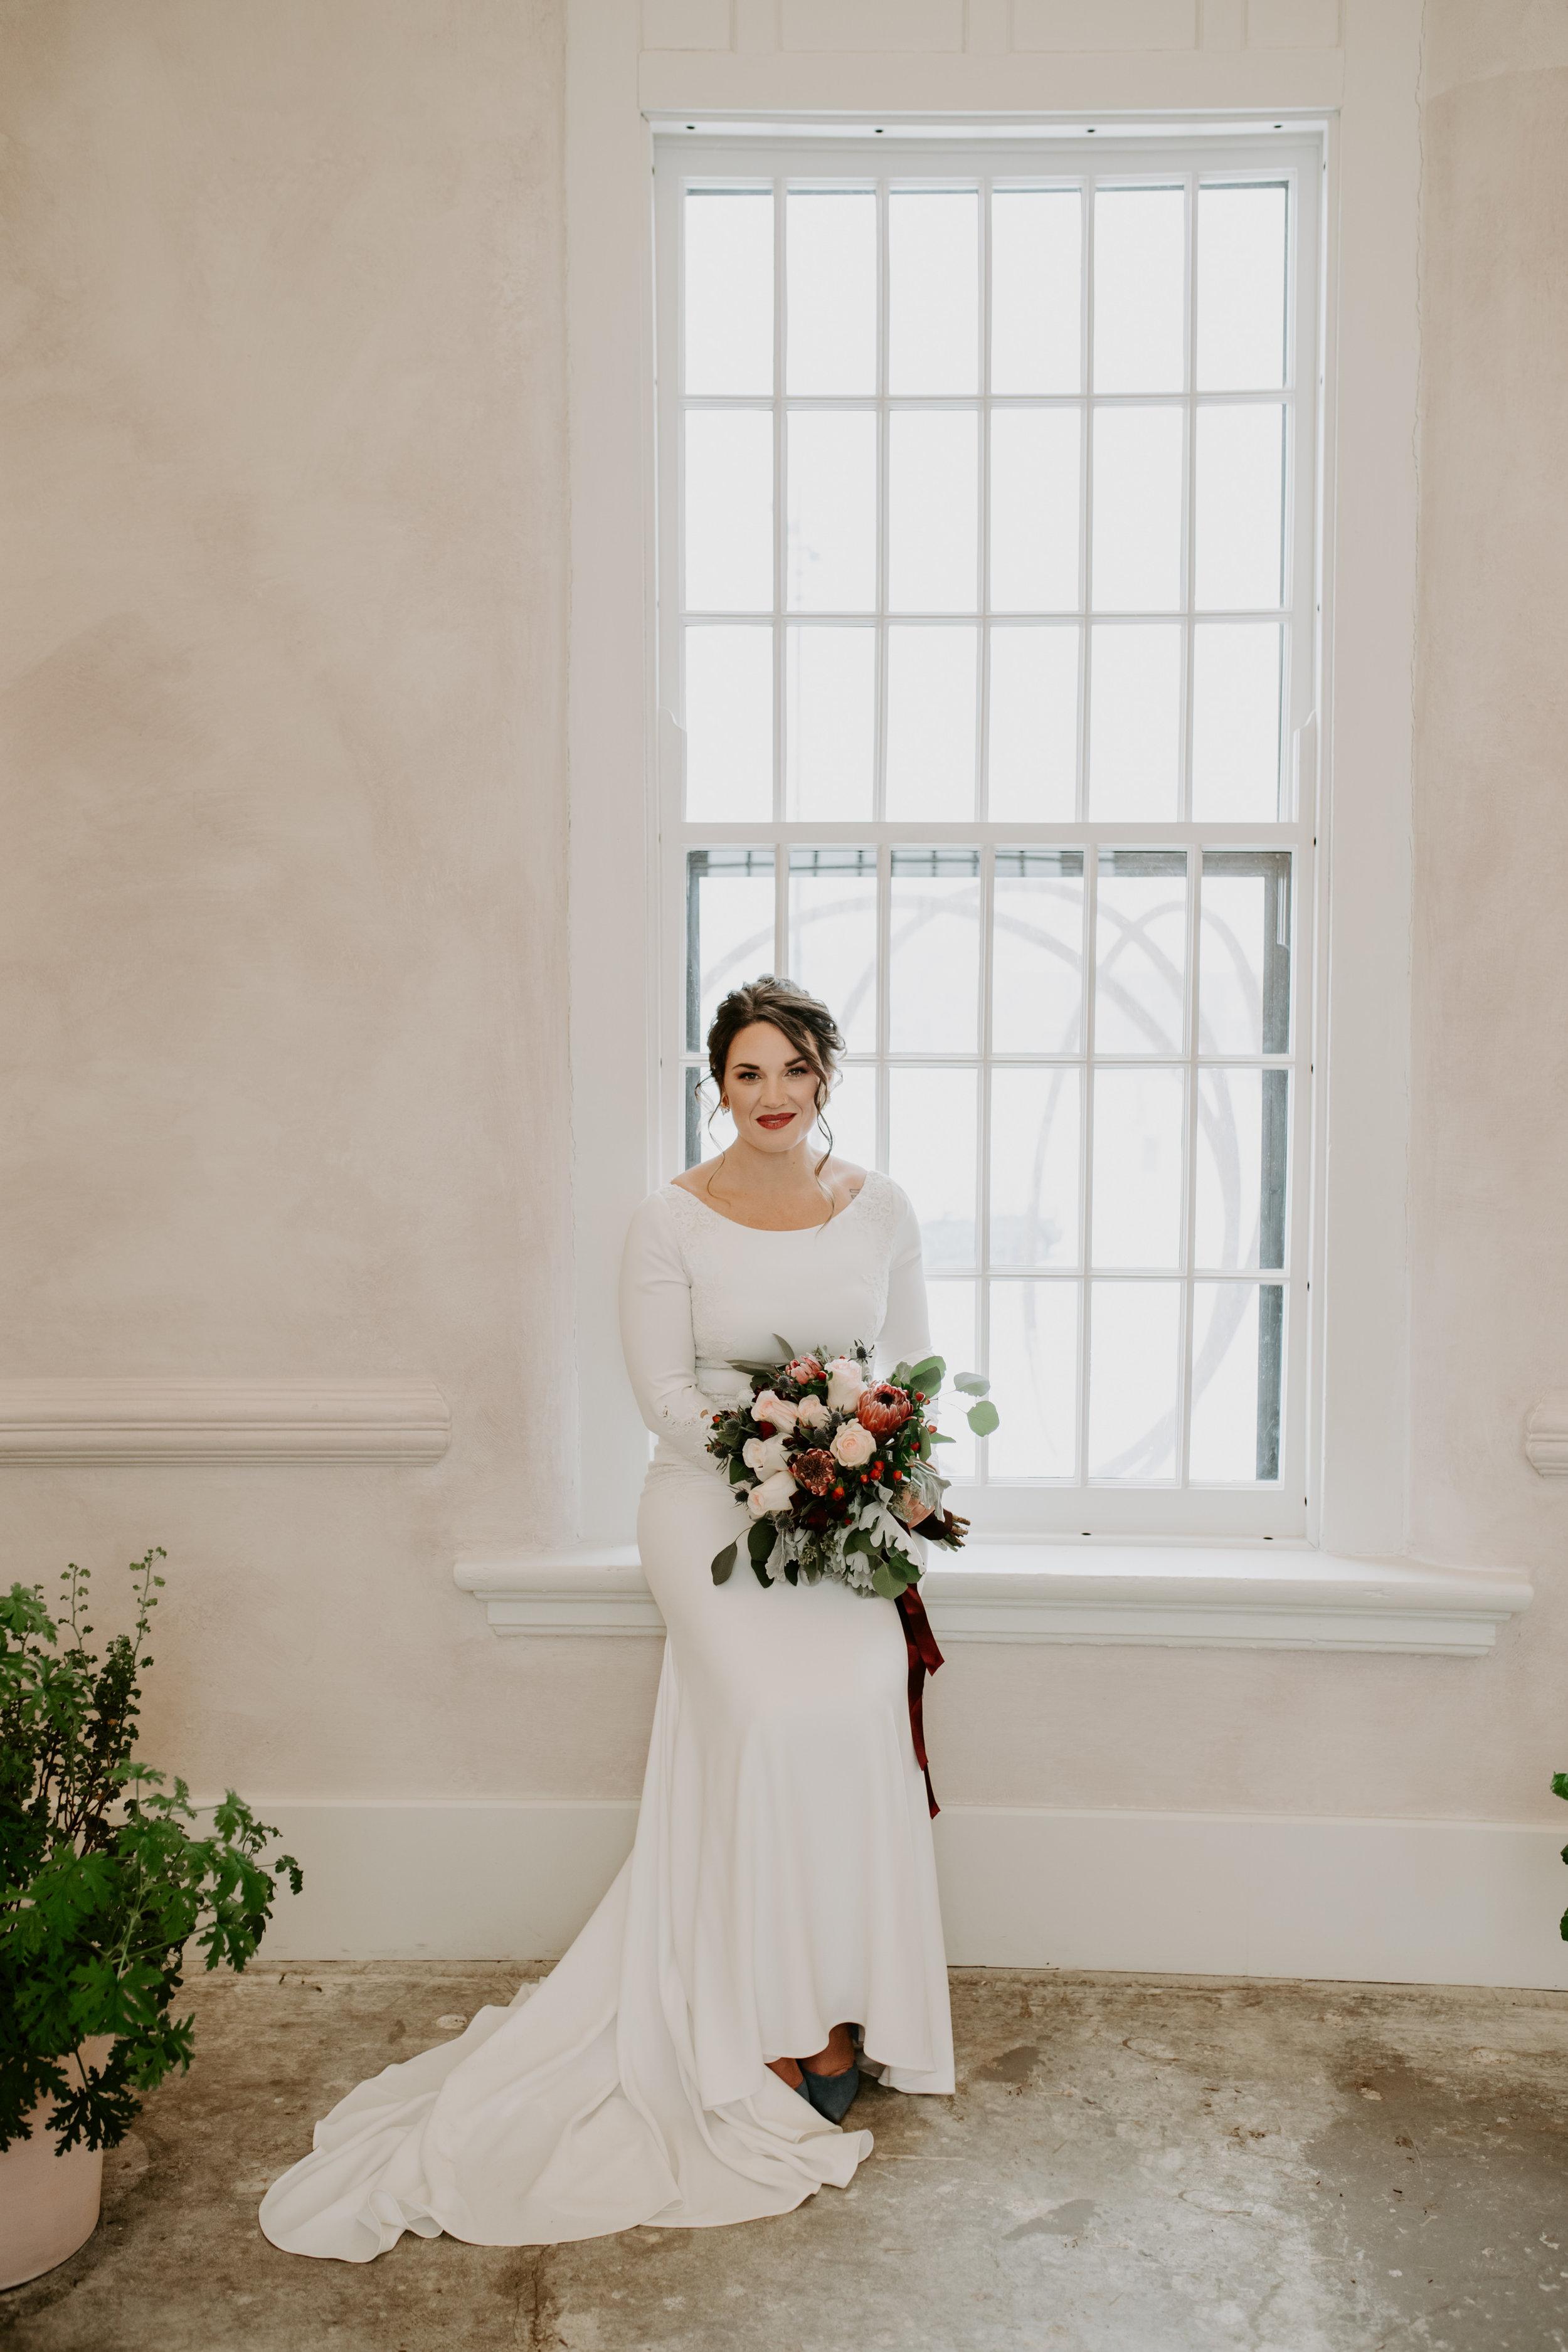 APD_mia_caitlin_wedding-345 copy.jpg